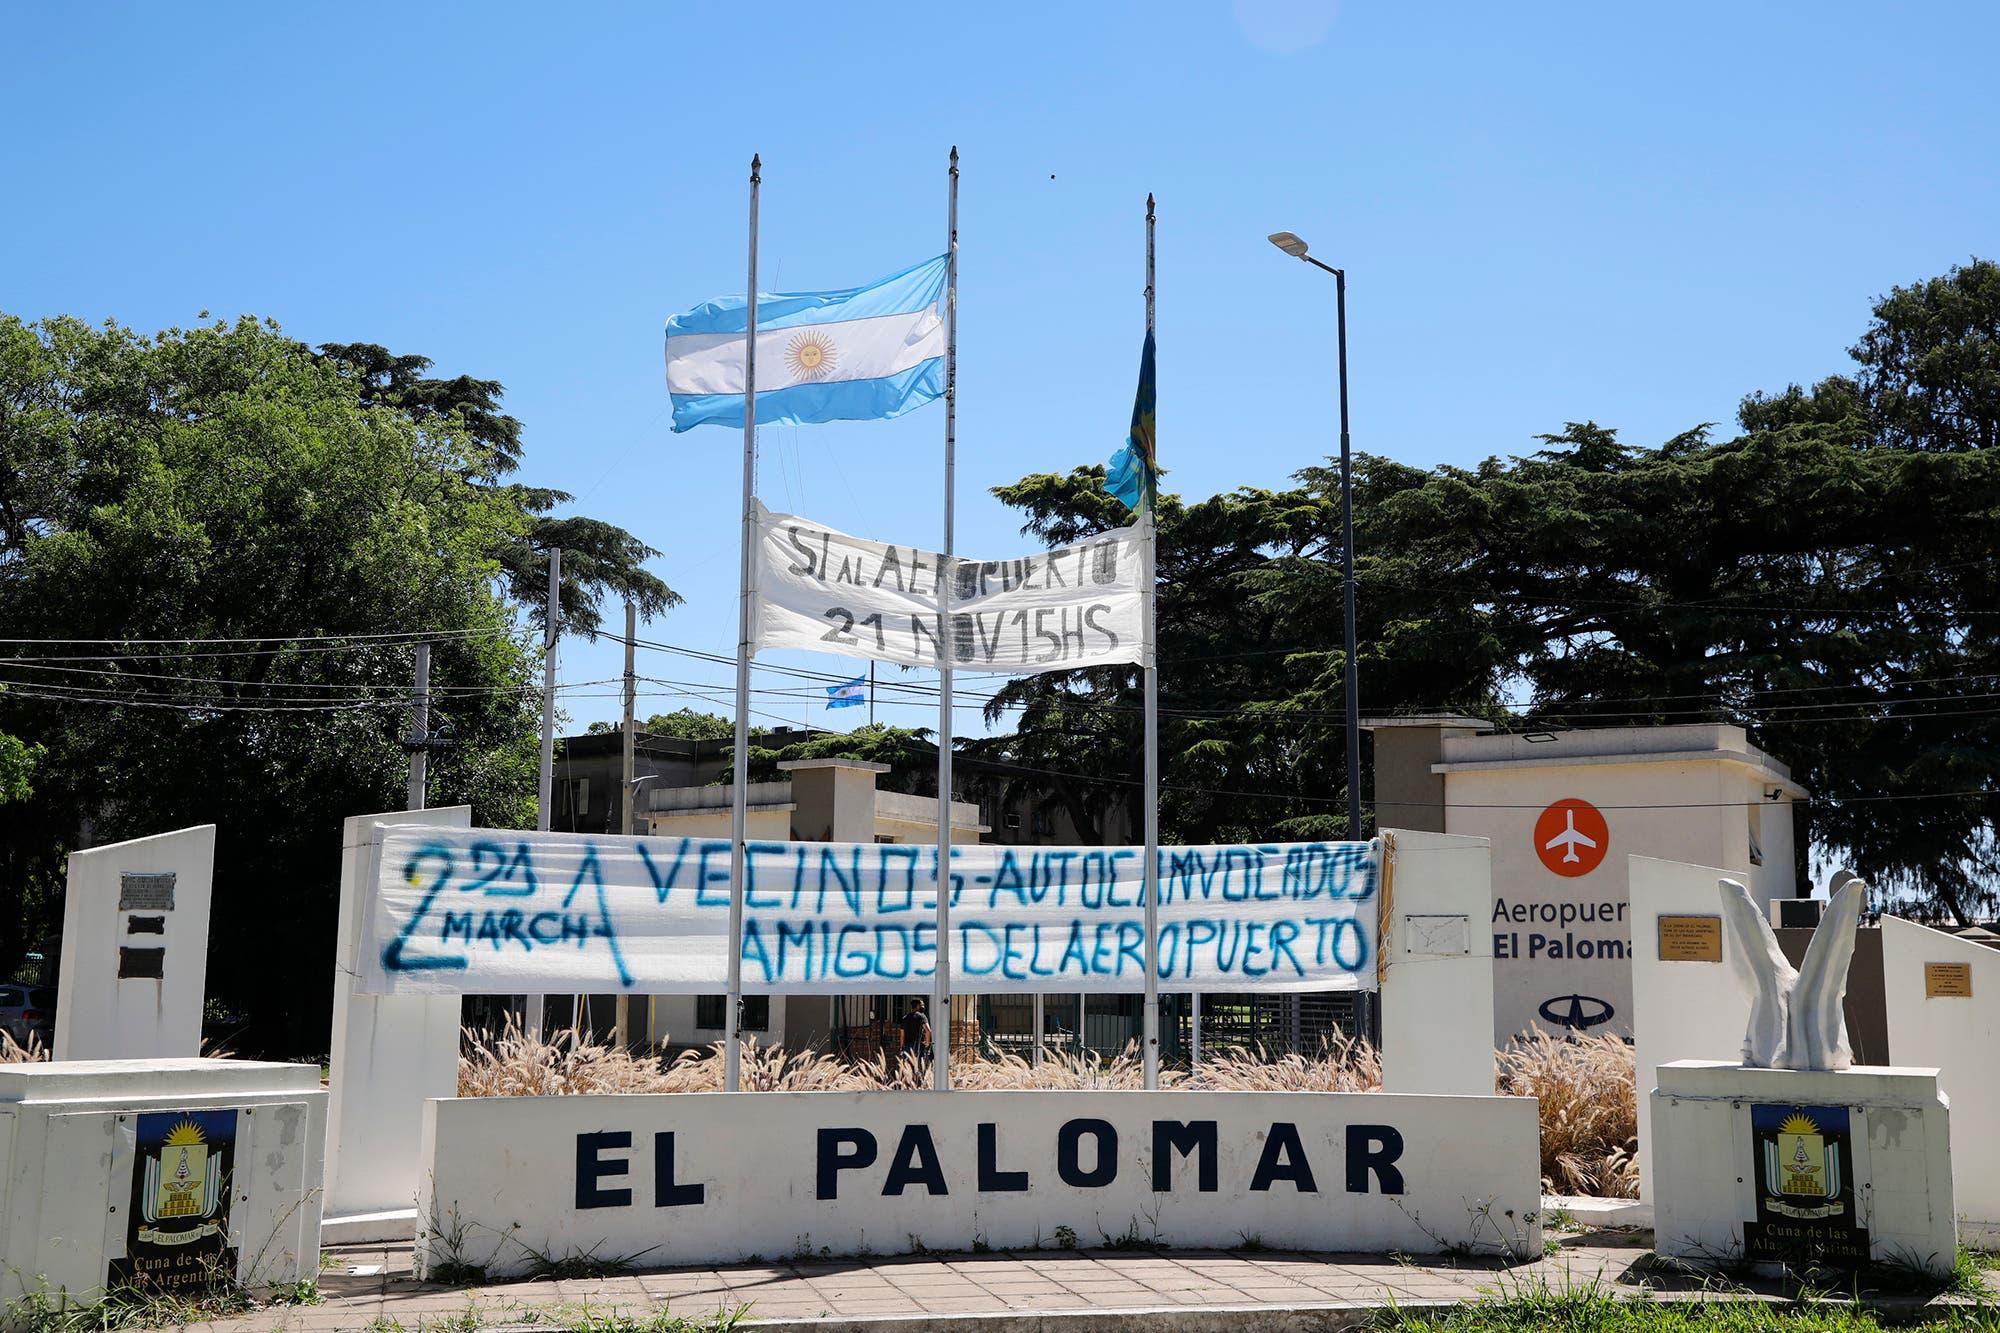 El Palomar. Empleados despedidos y vecinos preocupados por el futuro del barrio